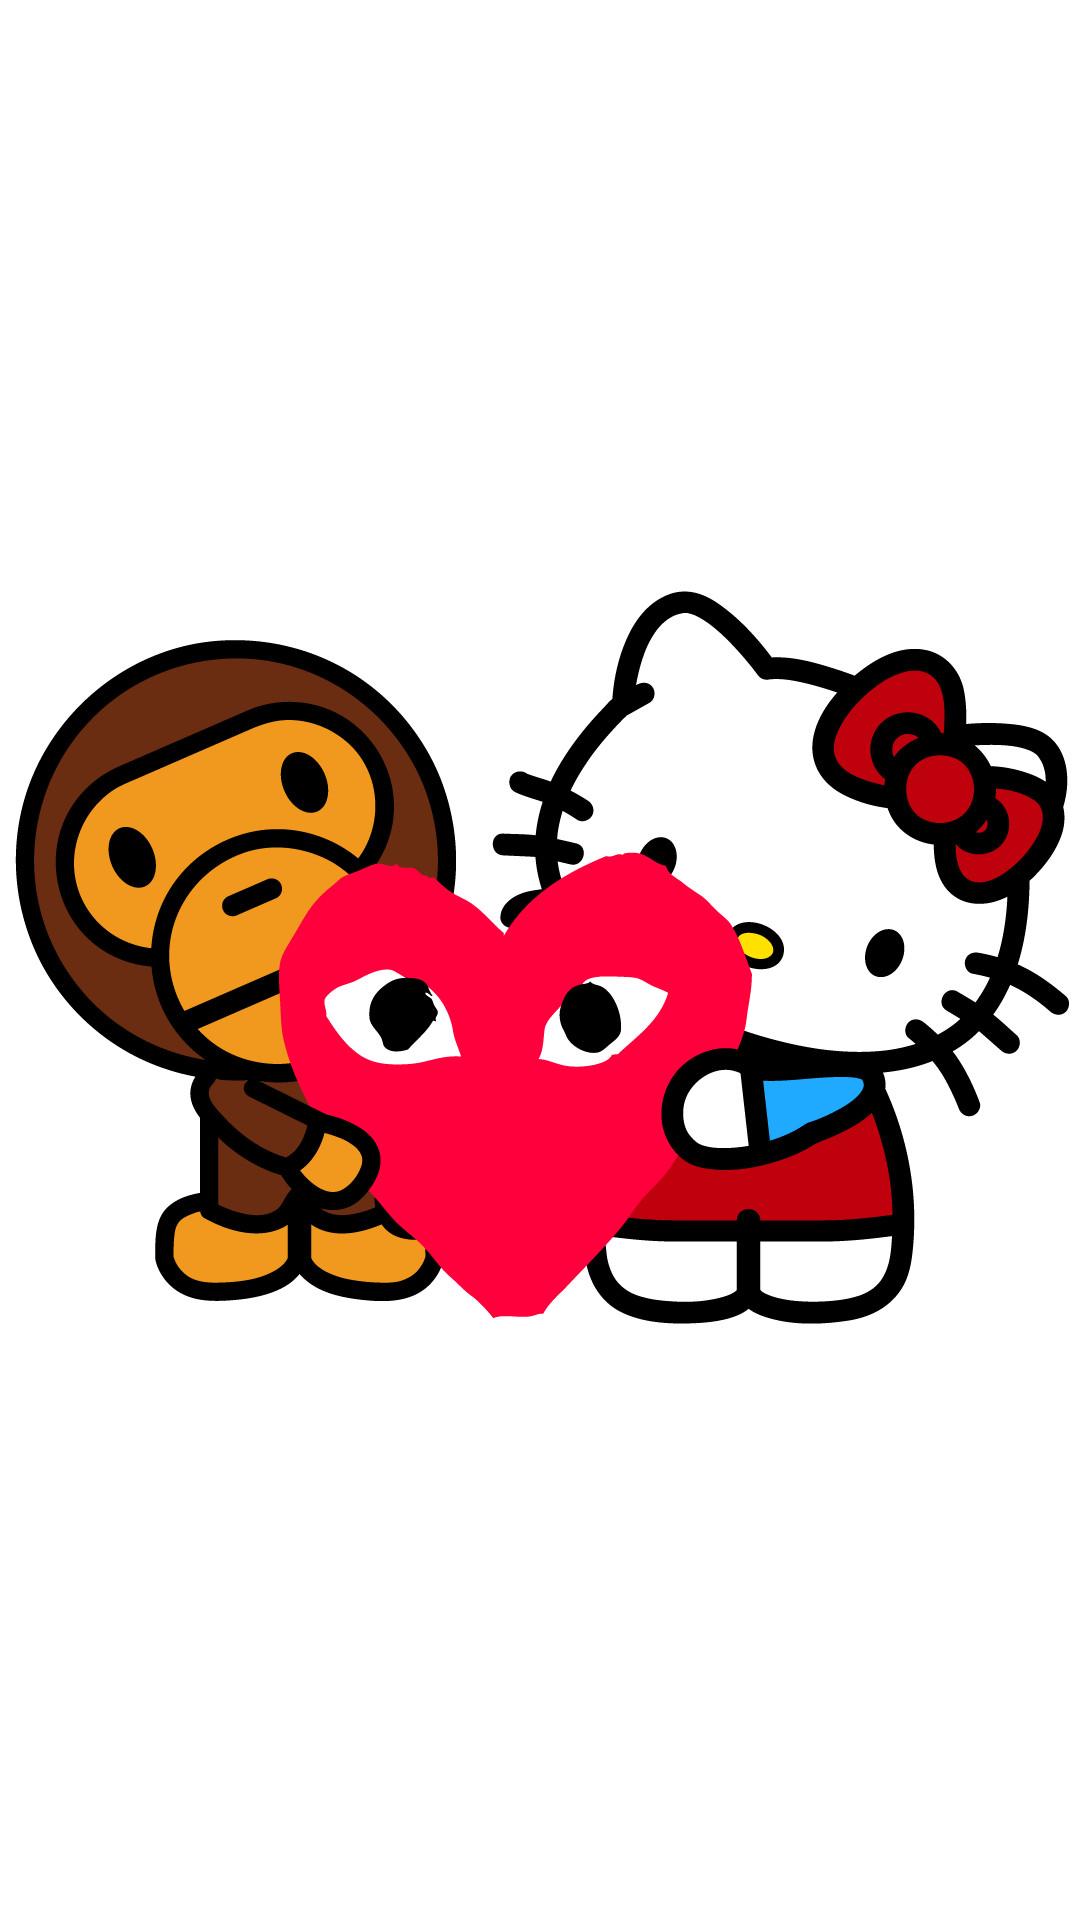 Bape Wallpaper Hd - Hello Kitty Bape Logo - HD Wallpaper